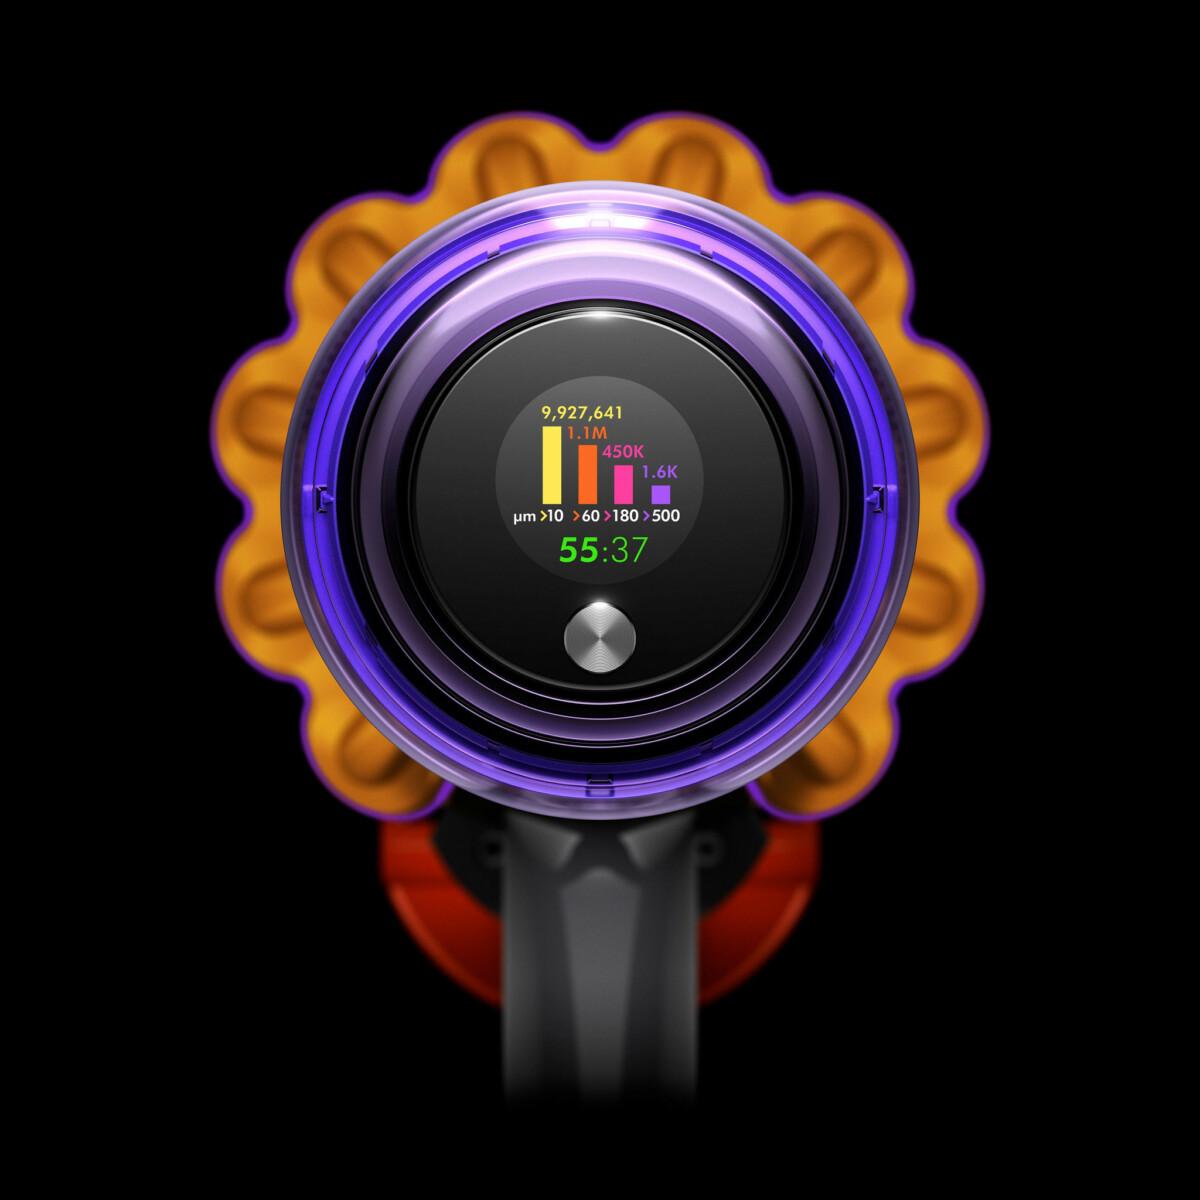 L'aspirateurV15 Detect affiche les polluants dans votre intérieur